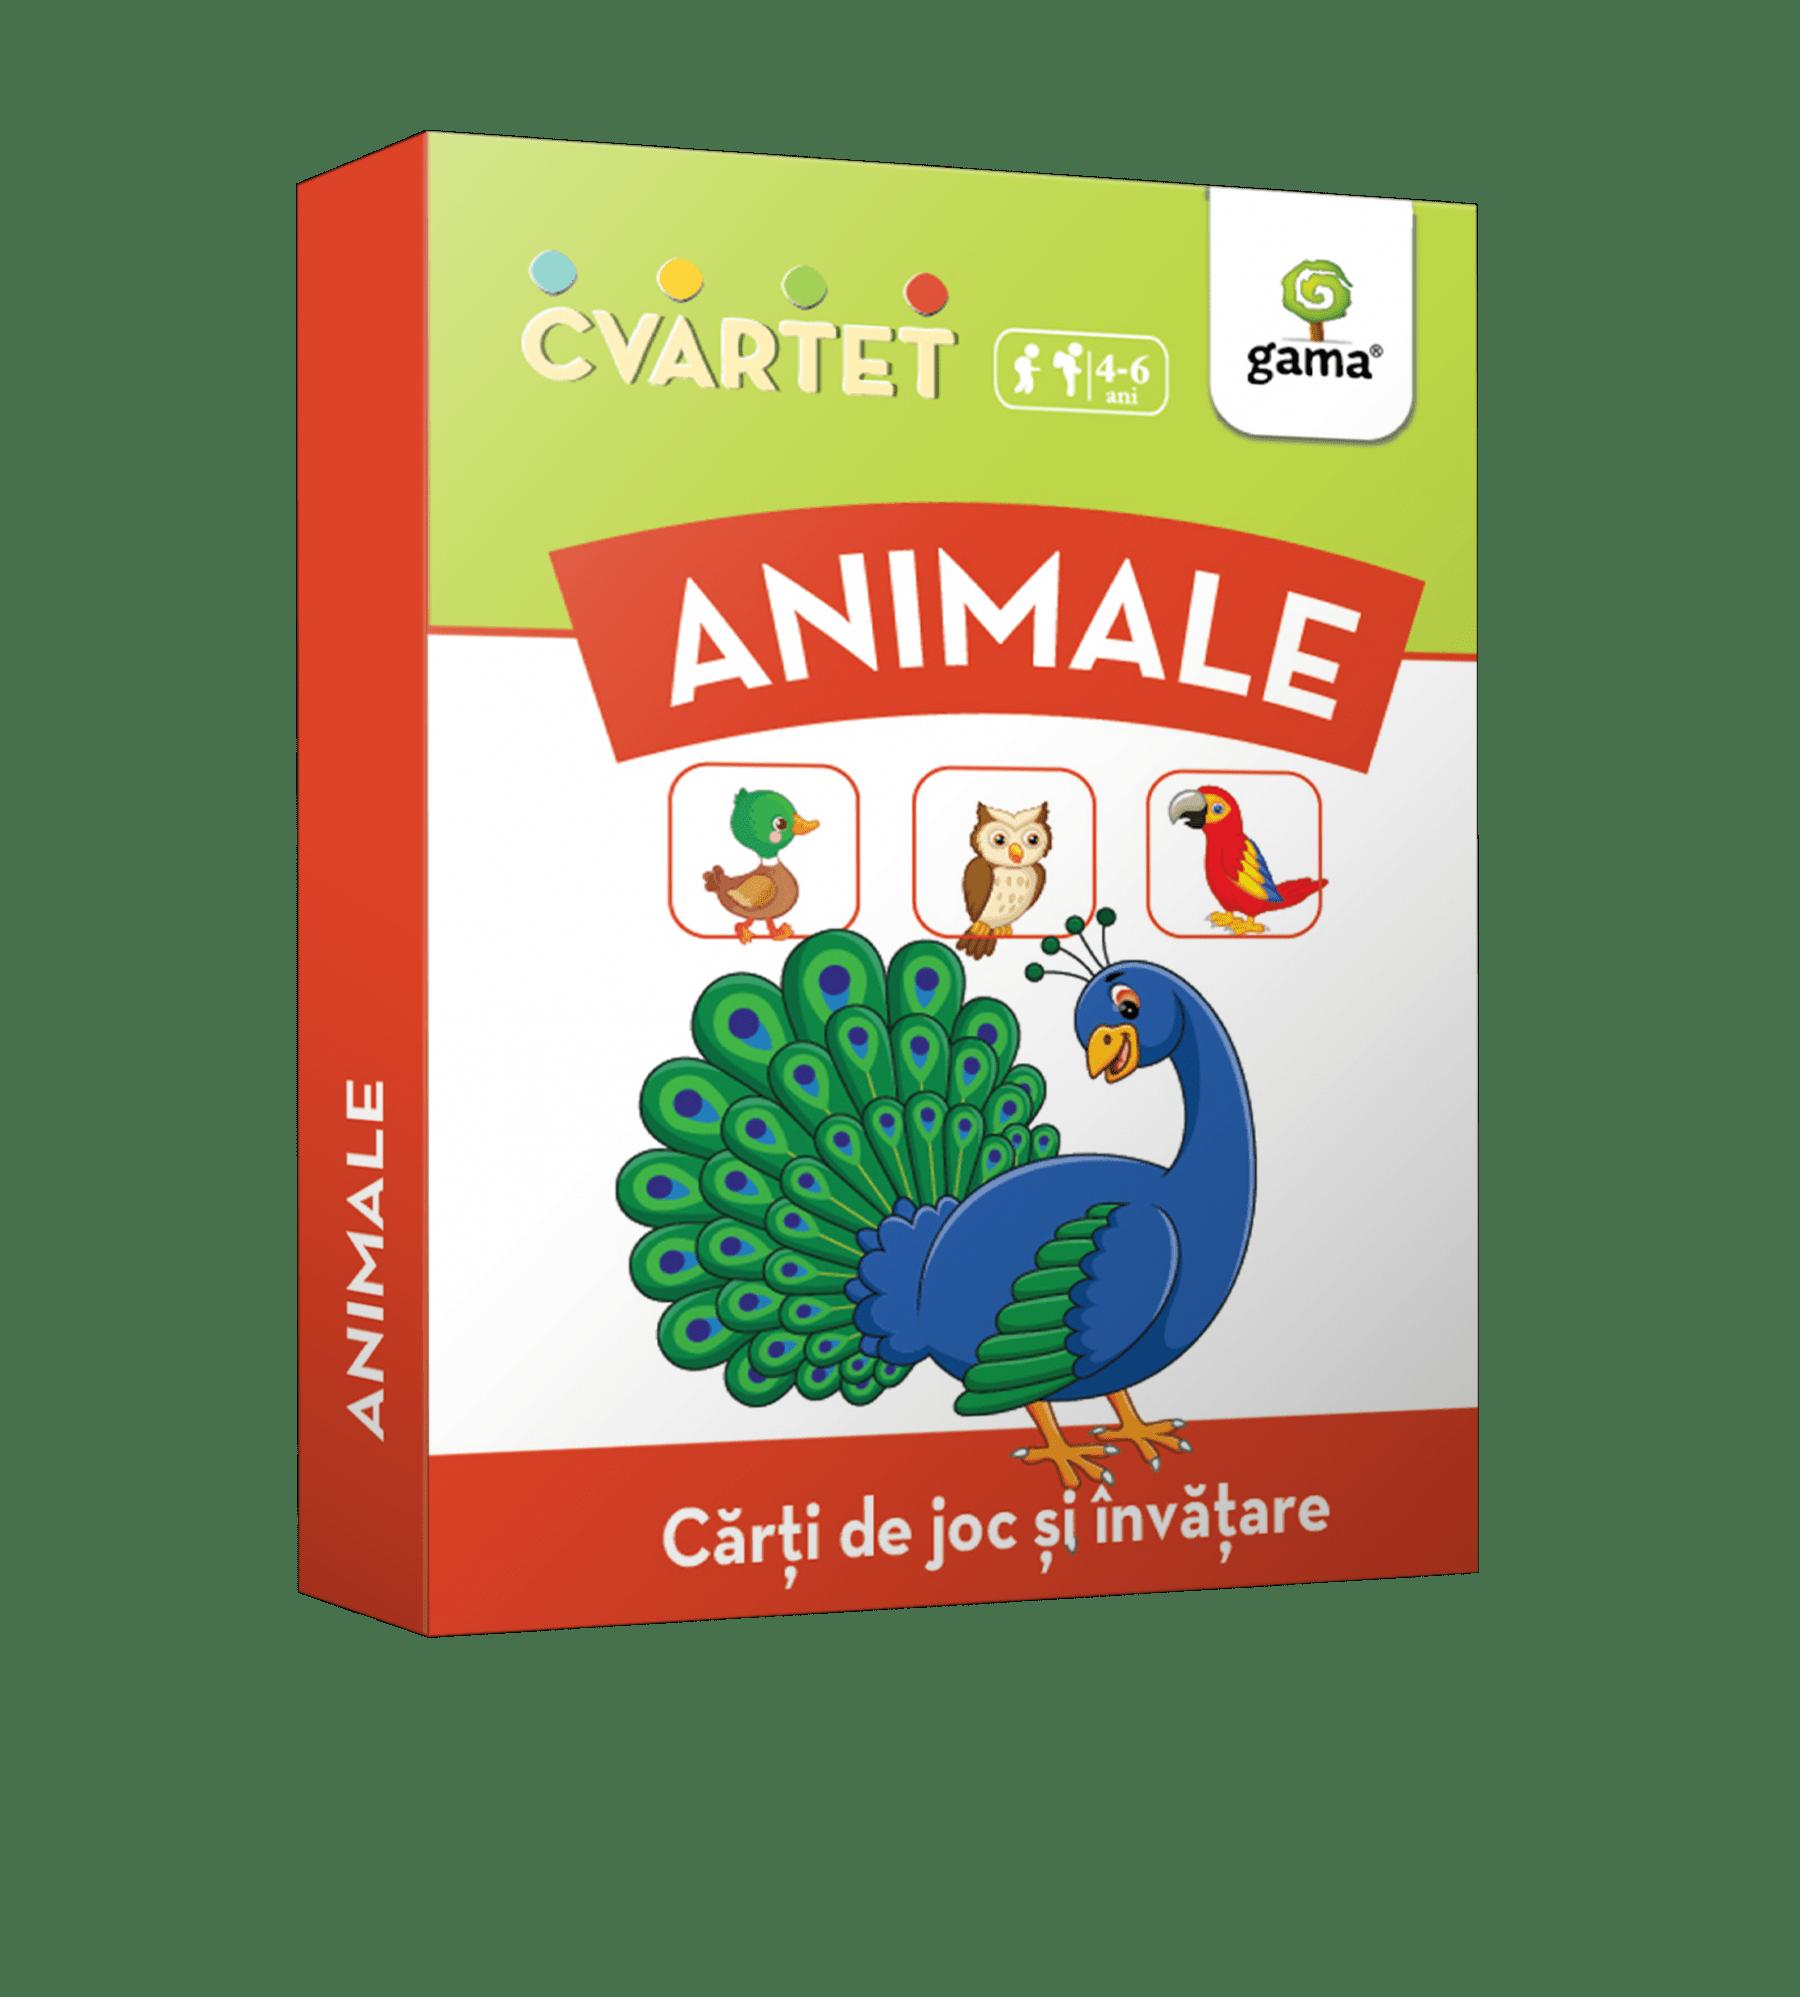 cutie_animale_cvartet